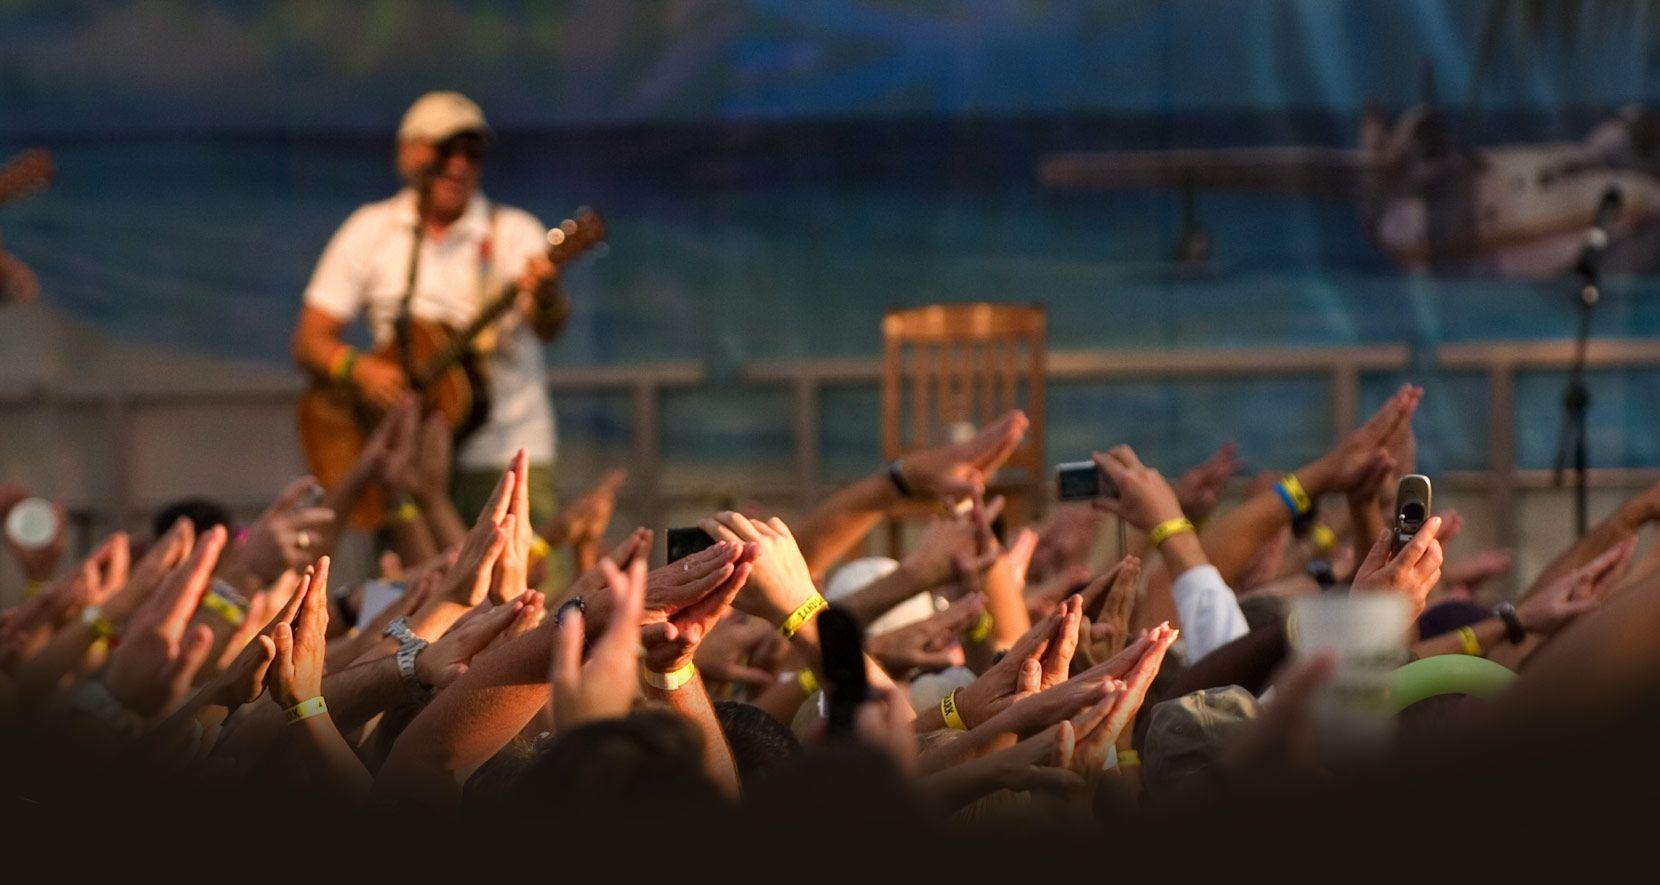 Concert Flashing